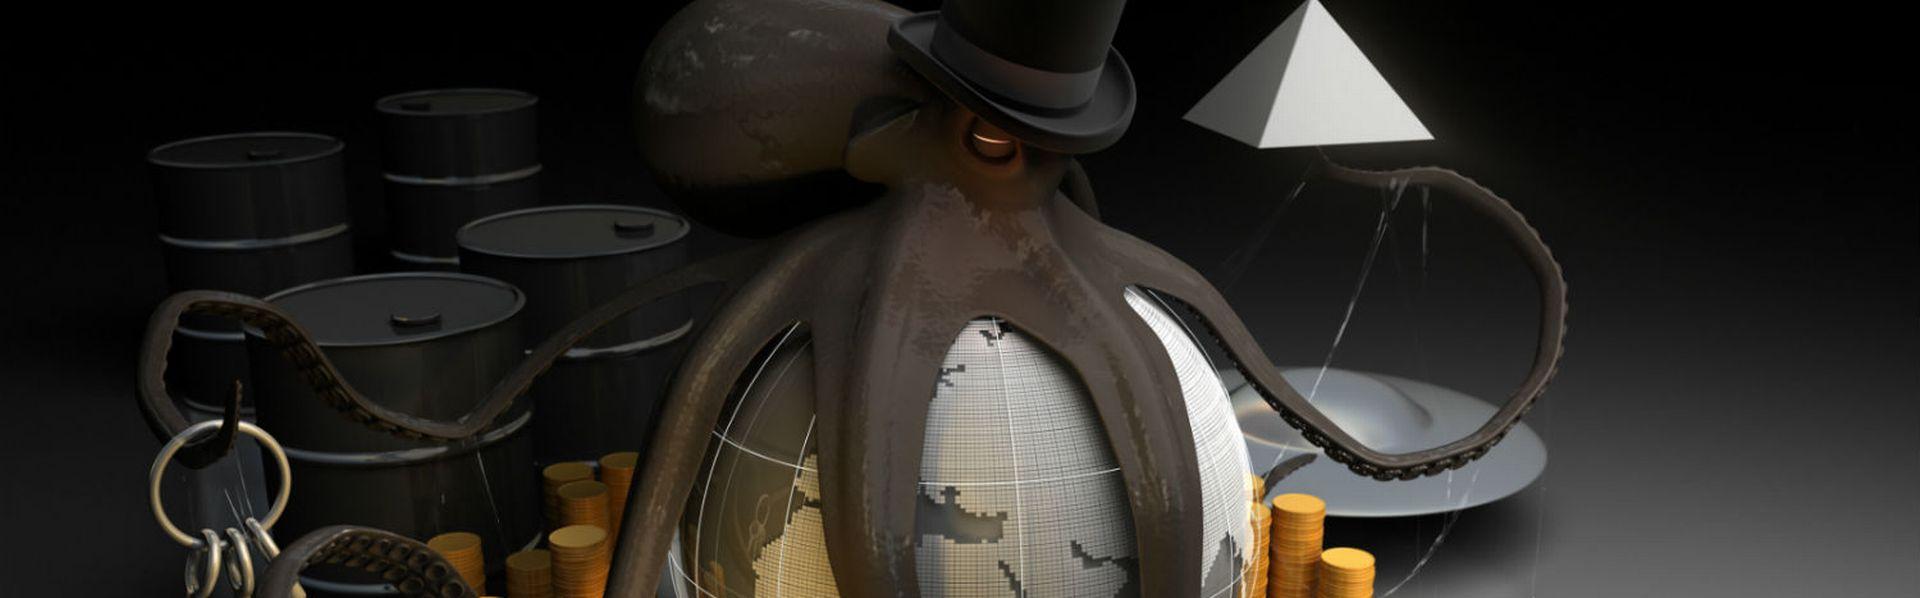 Le dossier sur les théories du complot de RTS Découverte [© Petrovich12 - Fotolia]